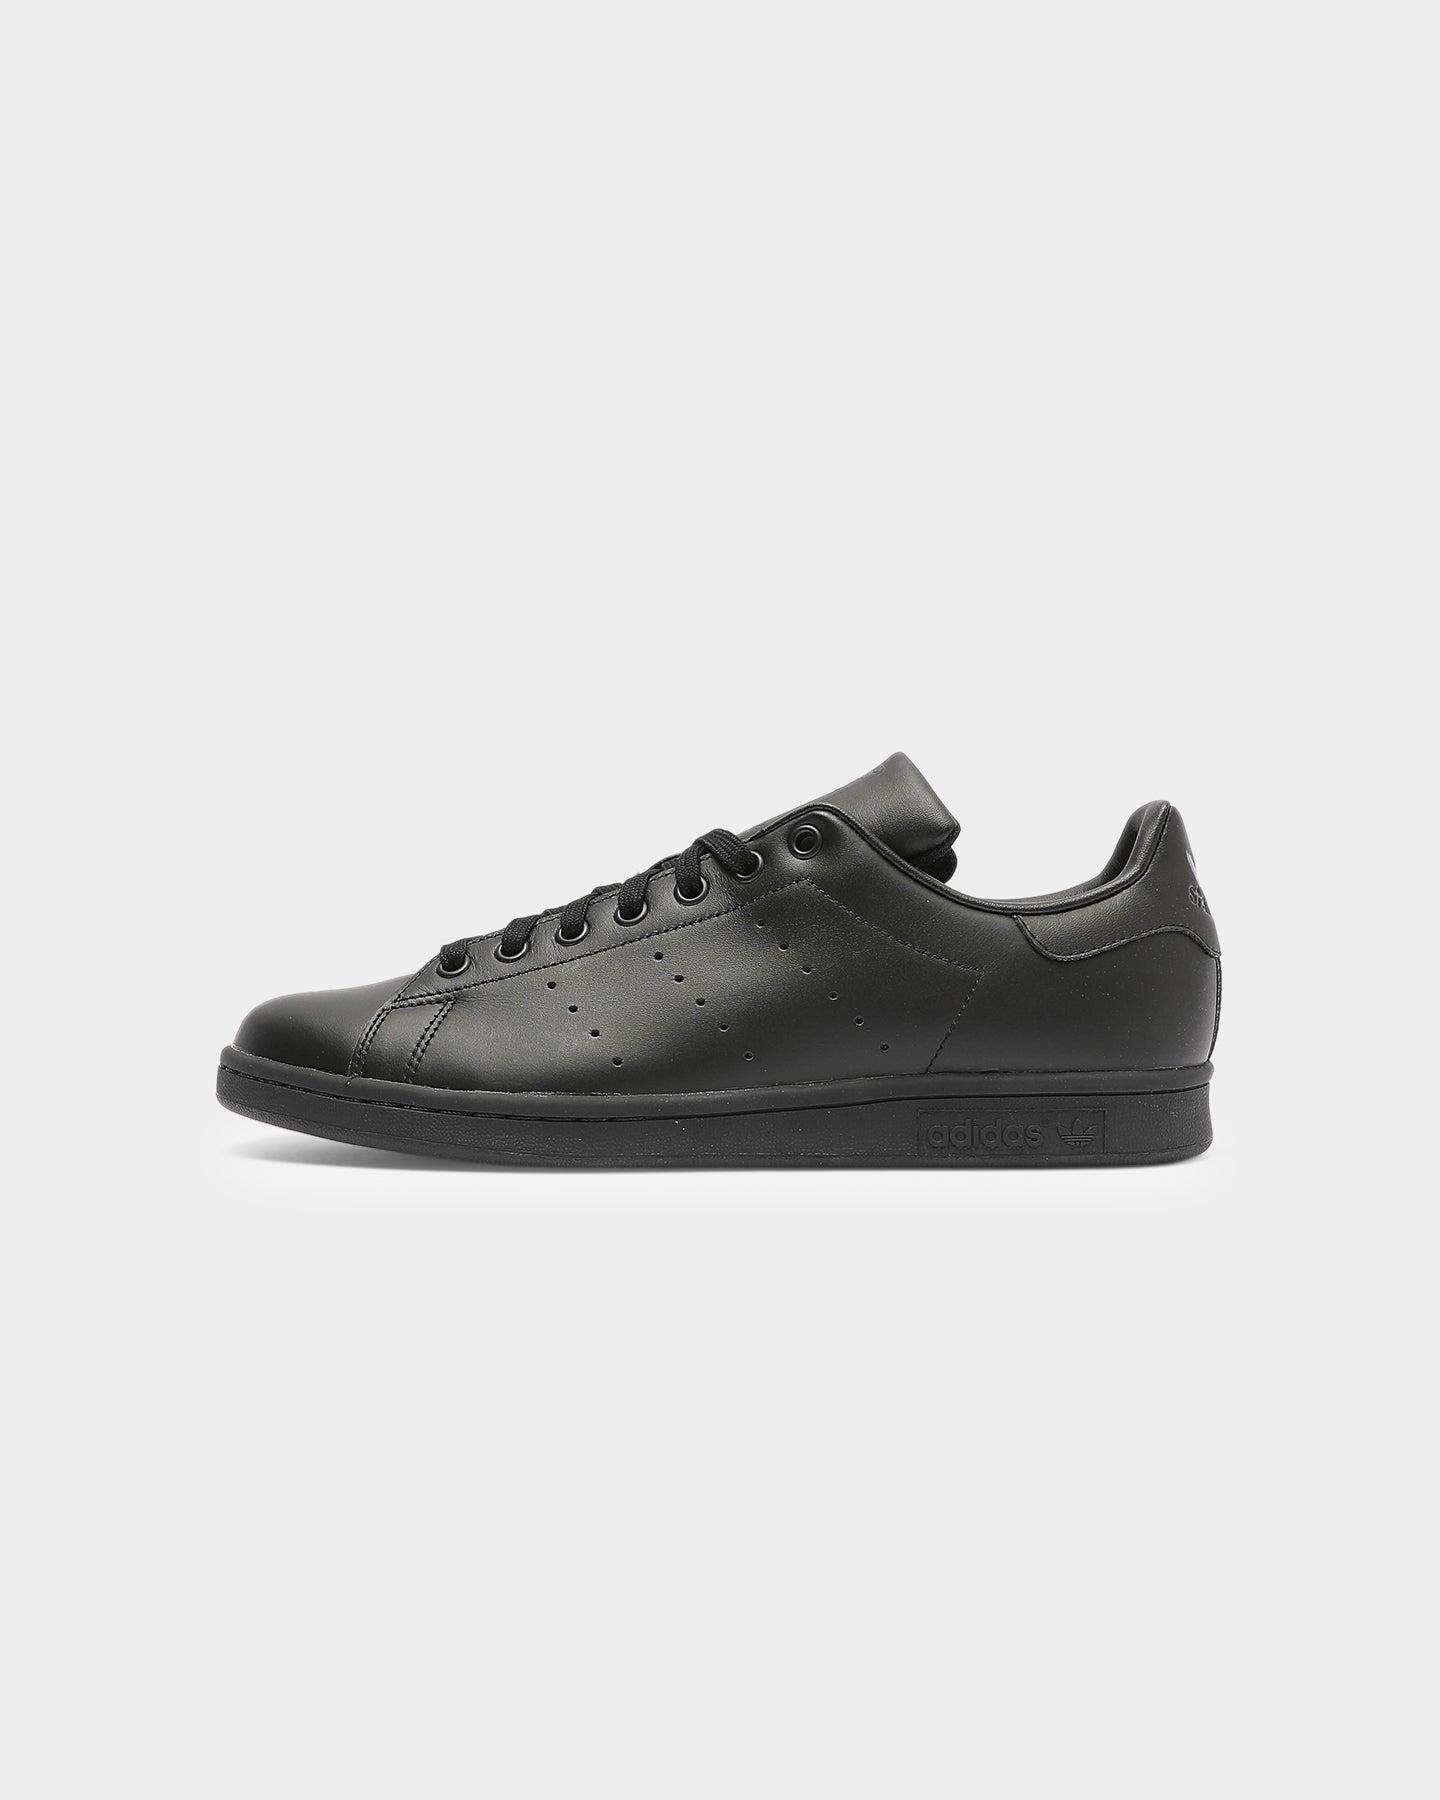 Adidas Originals Stan Smith Black/Black